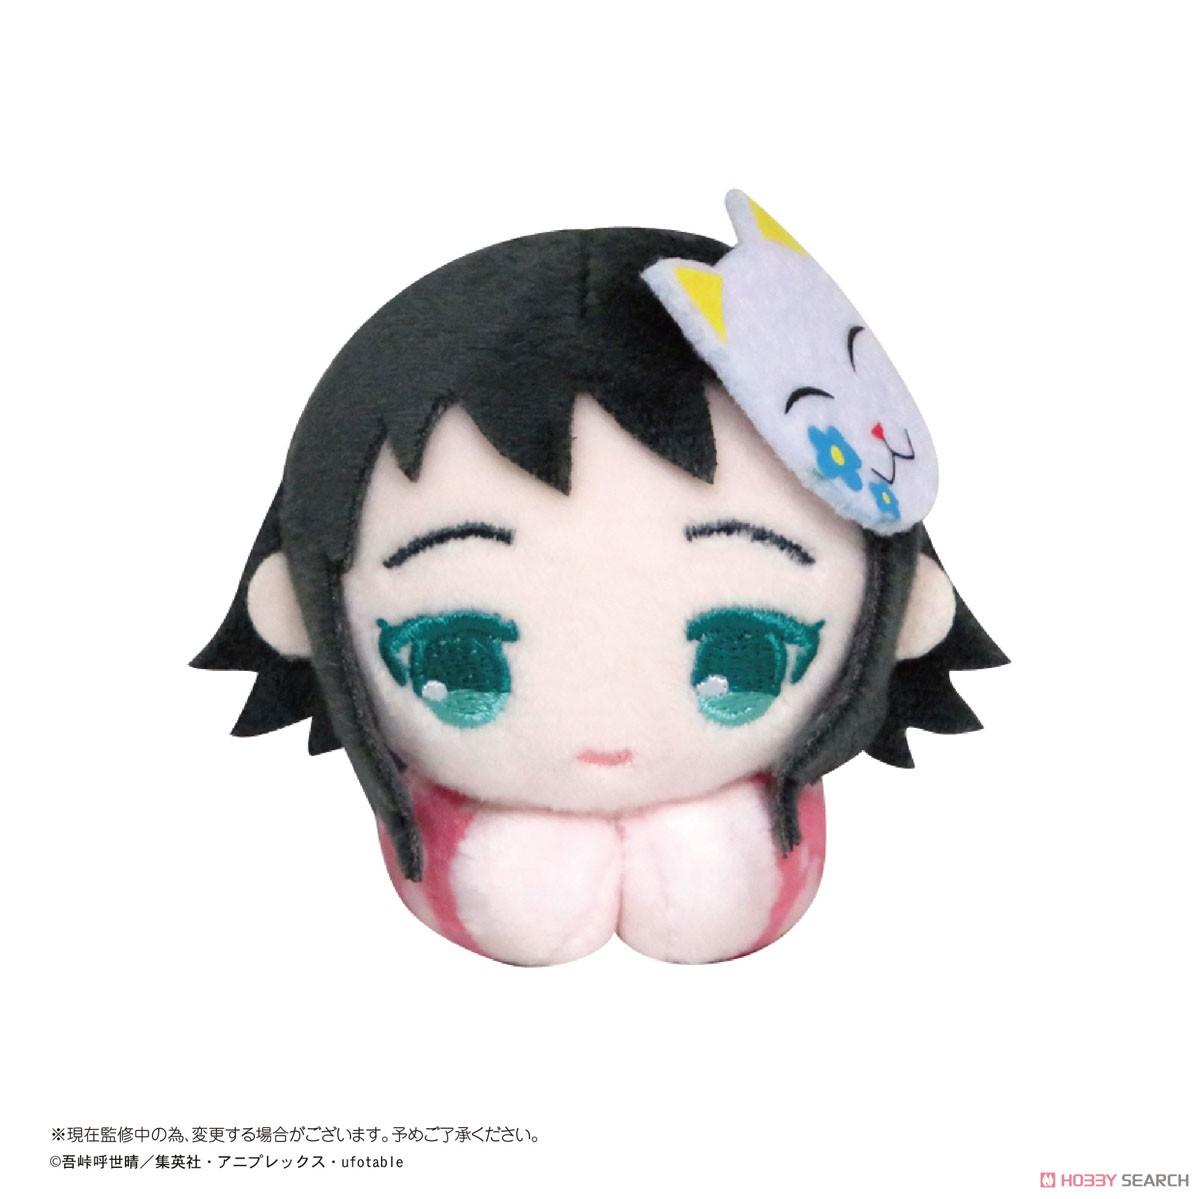 鬼滅の刃『鬼滅の刃 はぐキャラコレクション5』6個入りBOX-006